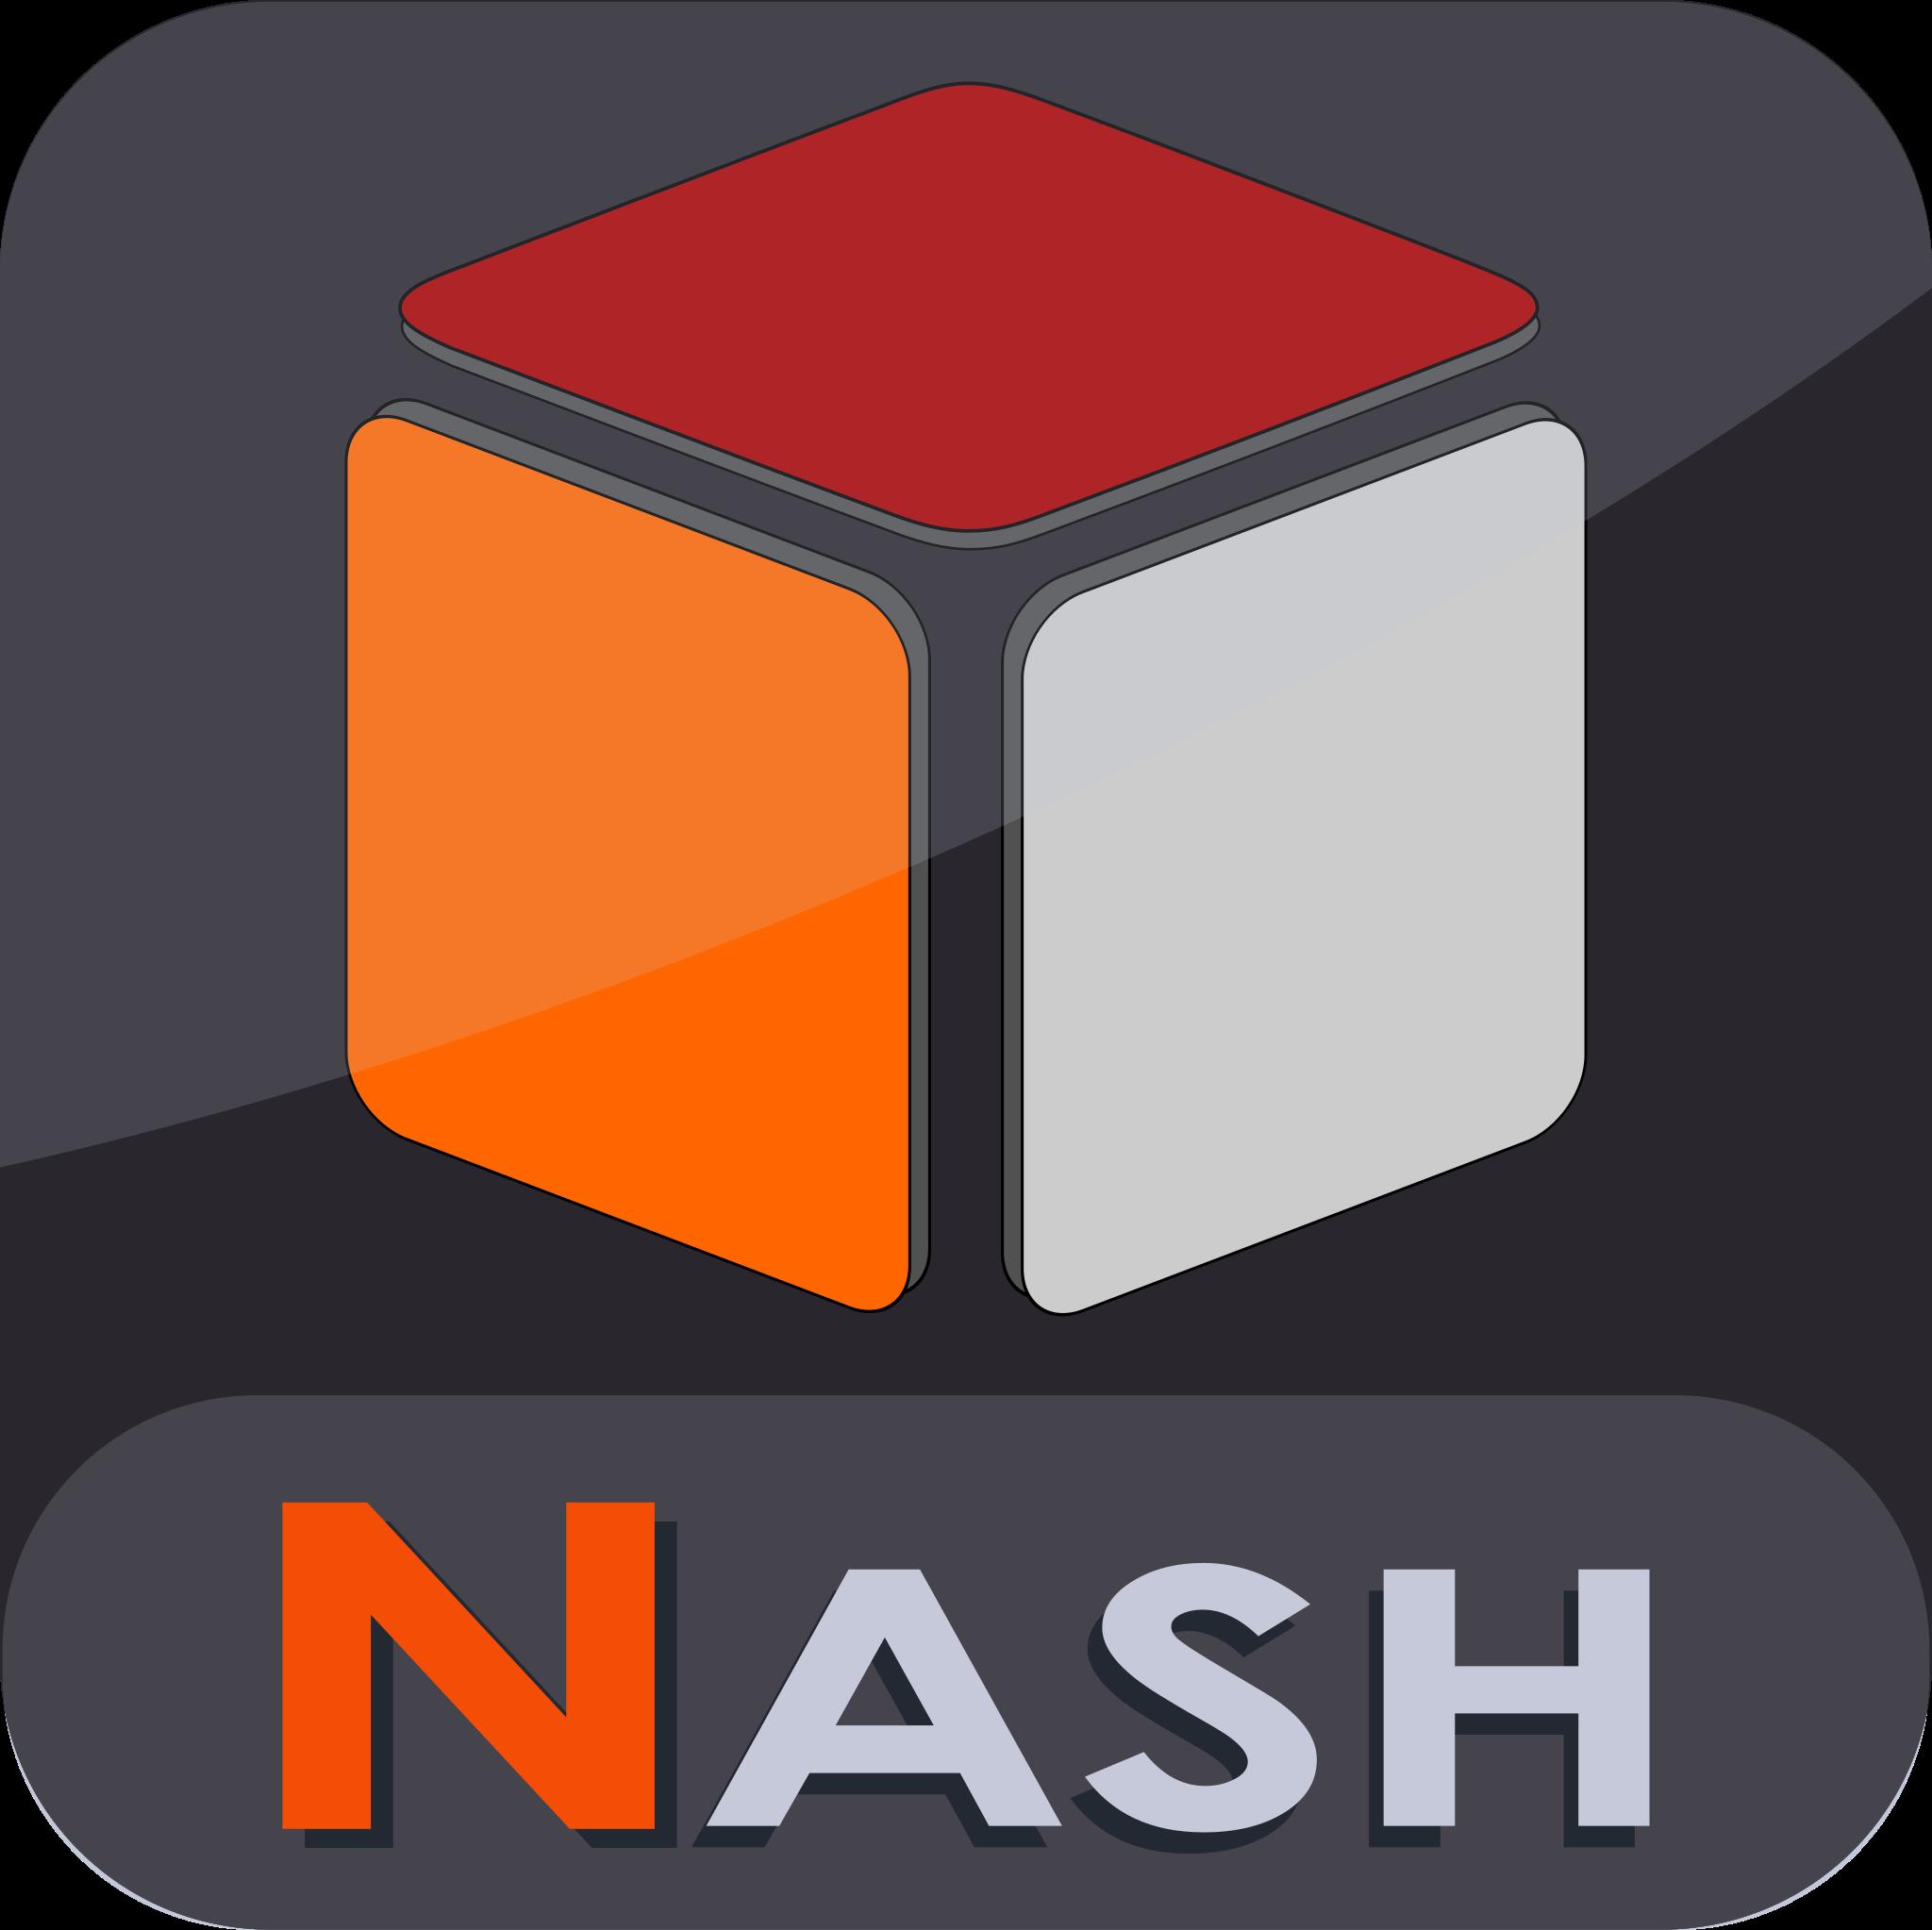 logo Nash